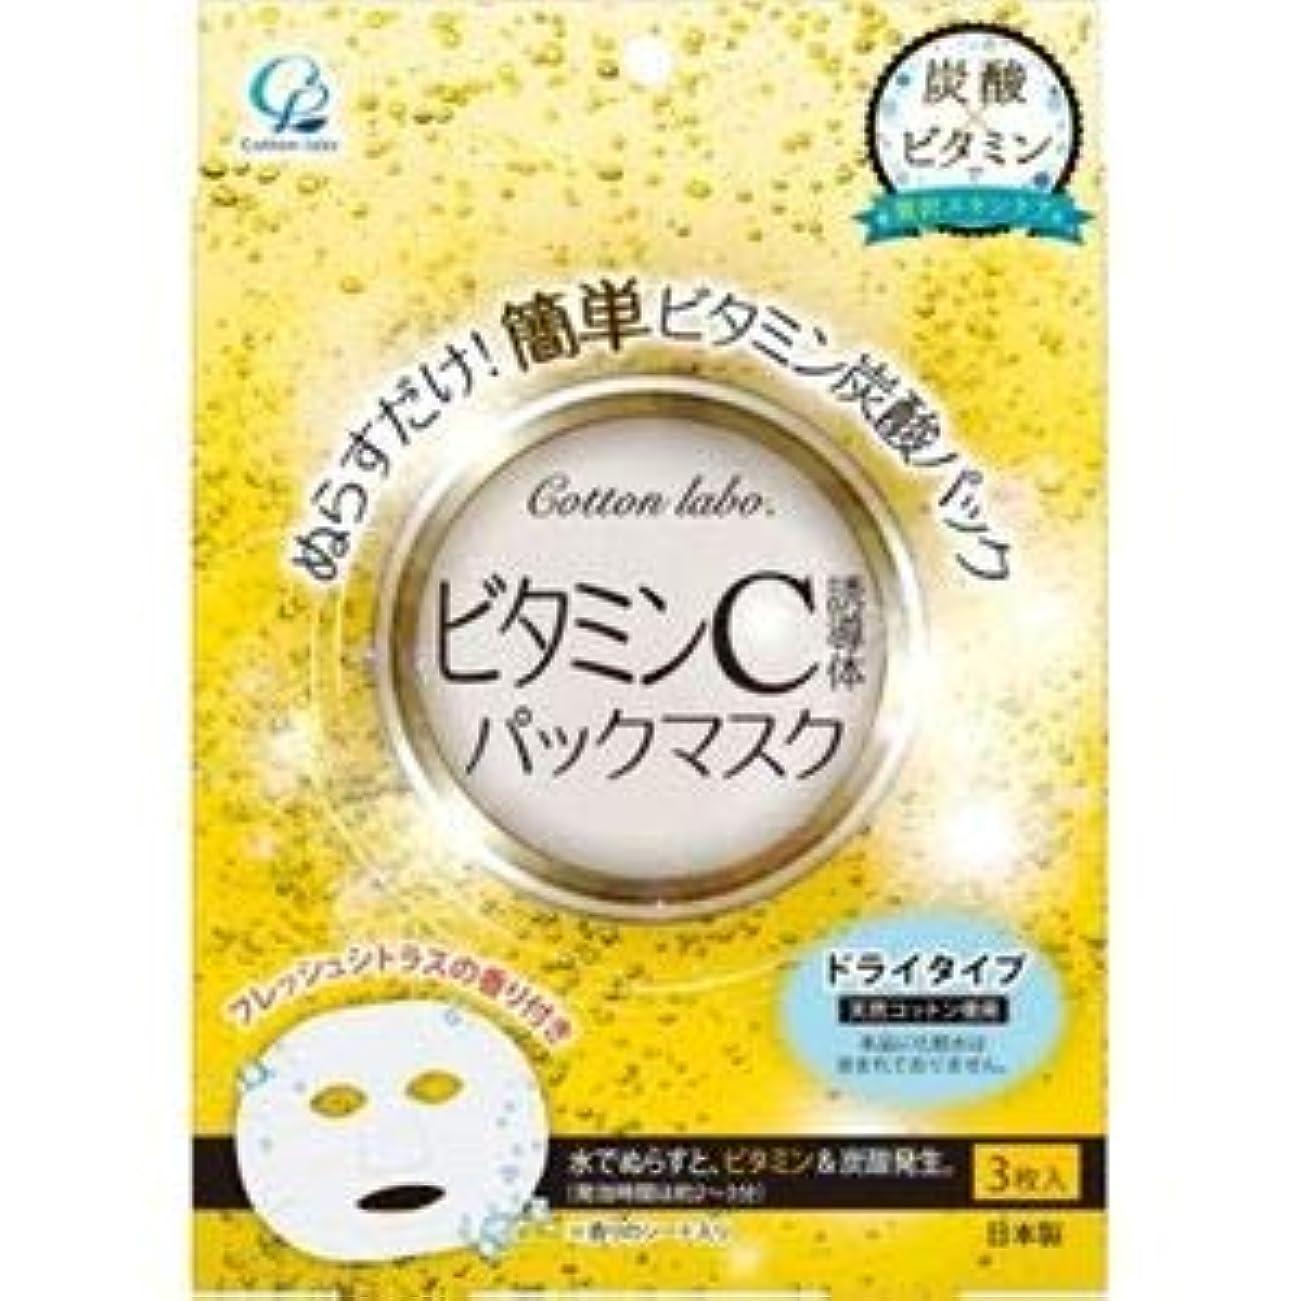 素子強調すべて(まとめ)コットンラボ ビタミンパックマスク3枚 【×3点セット】